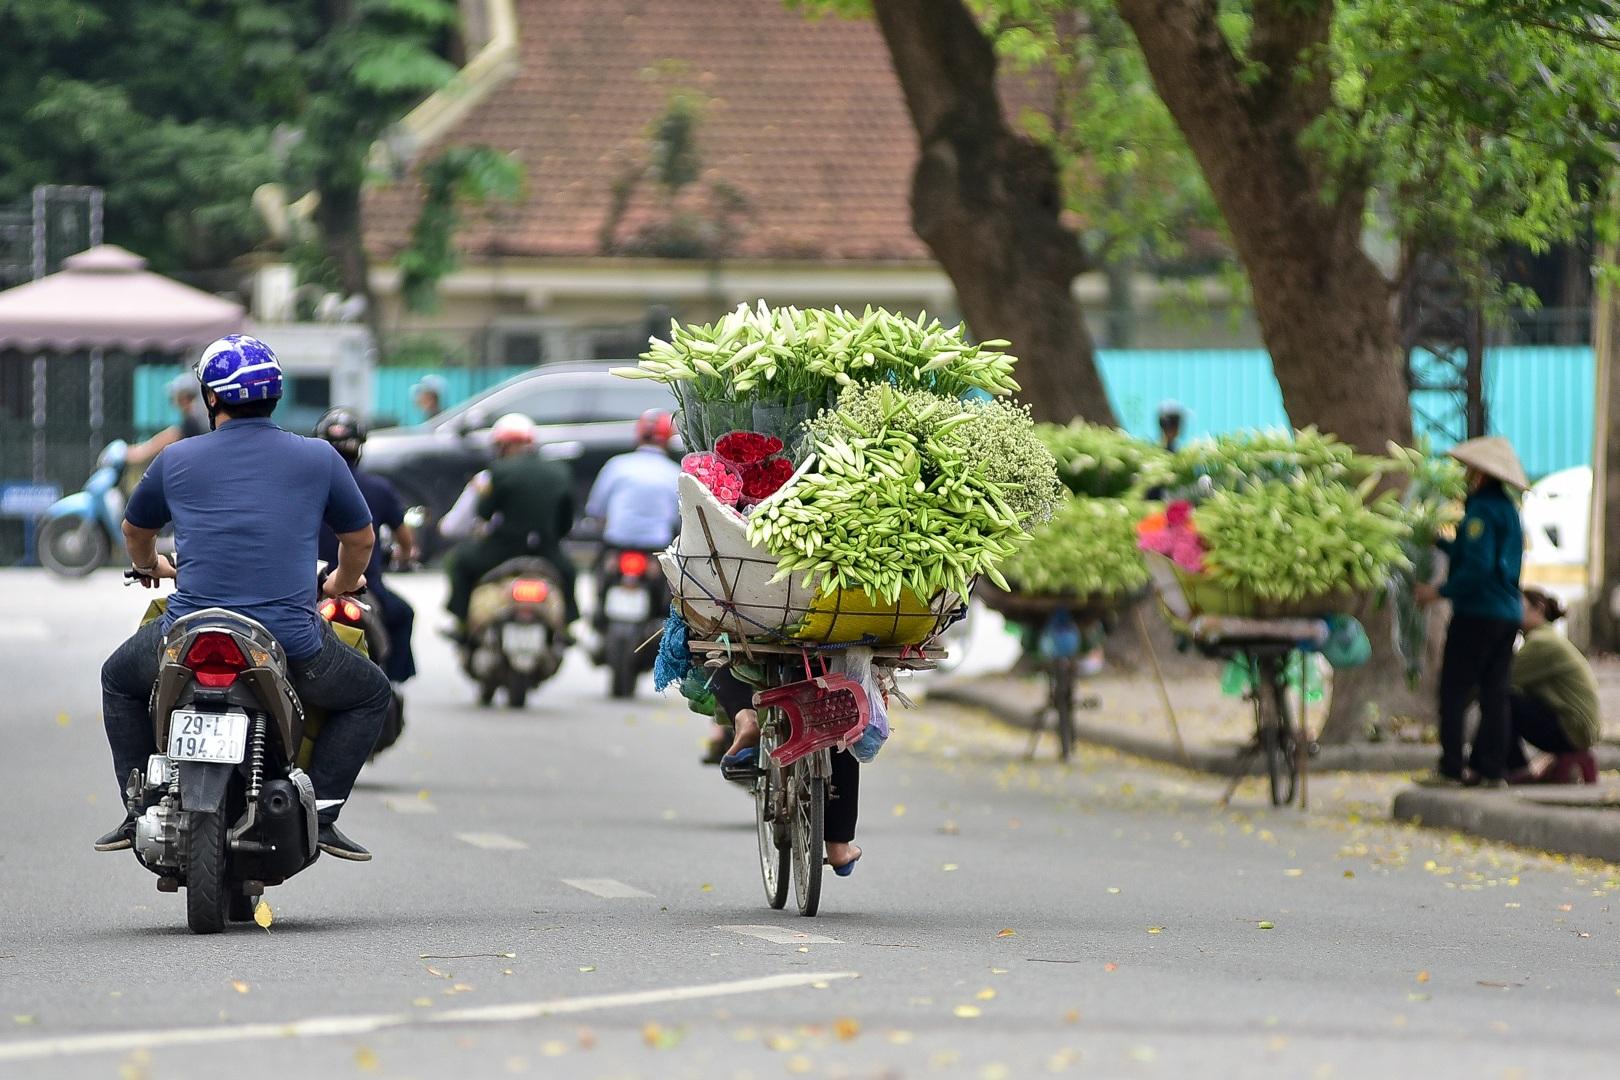 Tháng tư về, hoa loa kèn tinh khôi xuống phố Hà Nội - 9